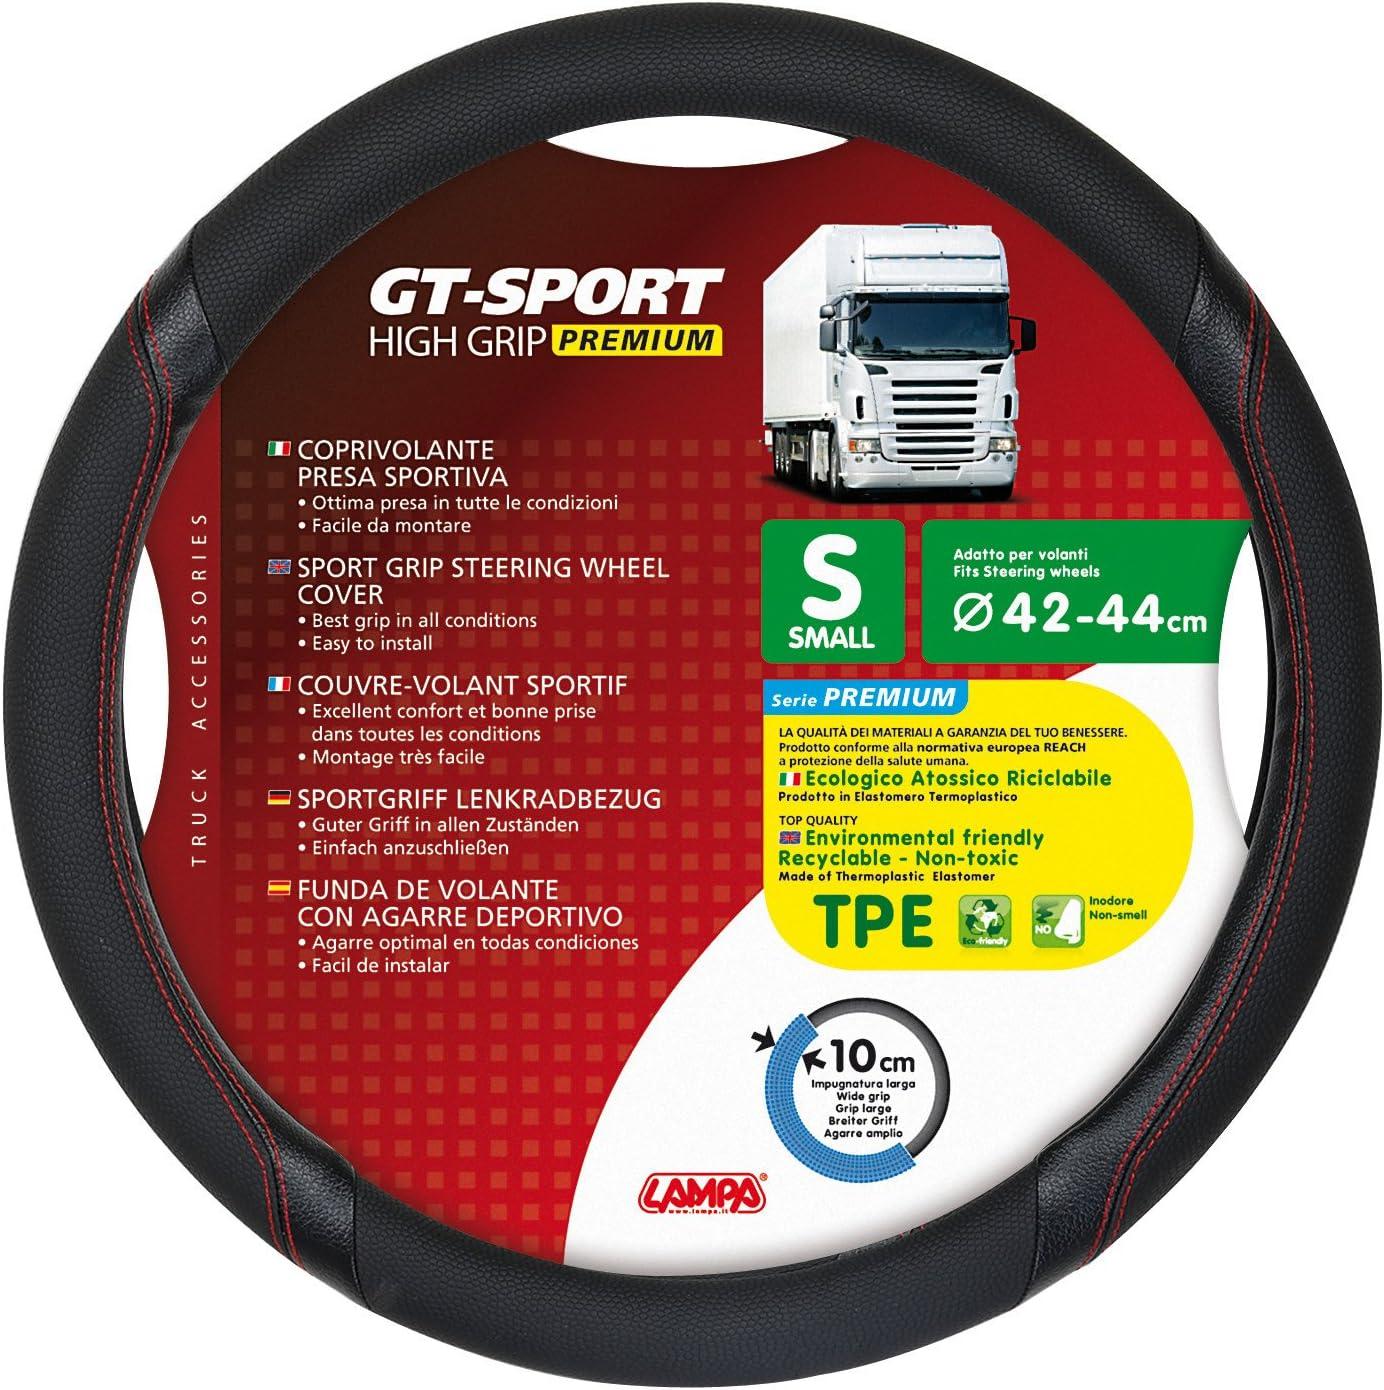 Lampa 98015 Coprivolante TPE GT-Sport S